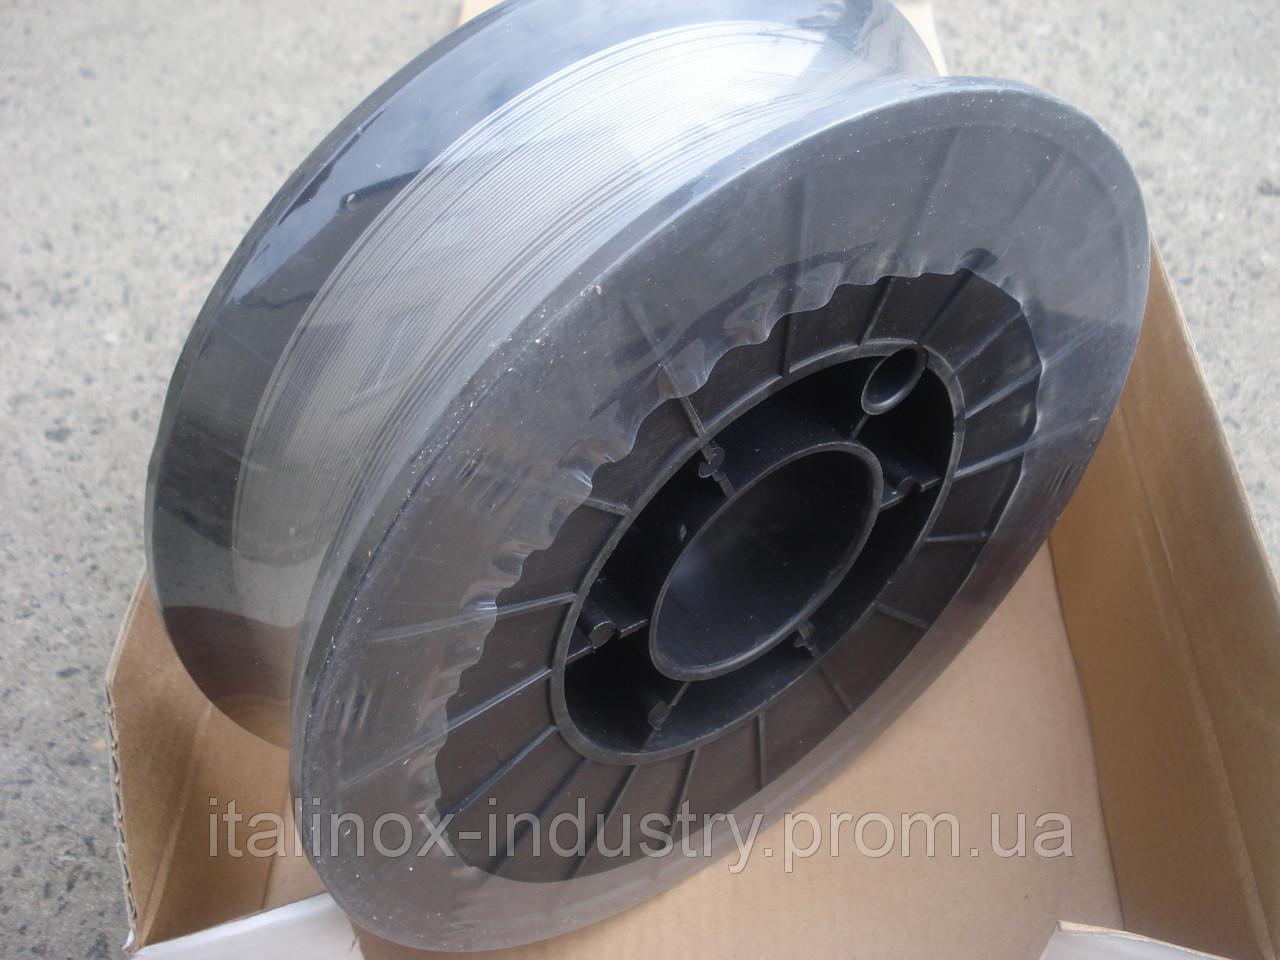 Проволока из нержавеющей стали 08Х18Н10 0,5 мм